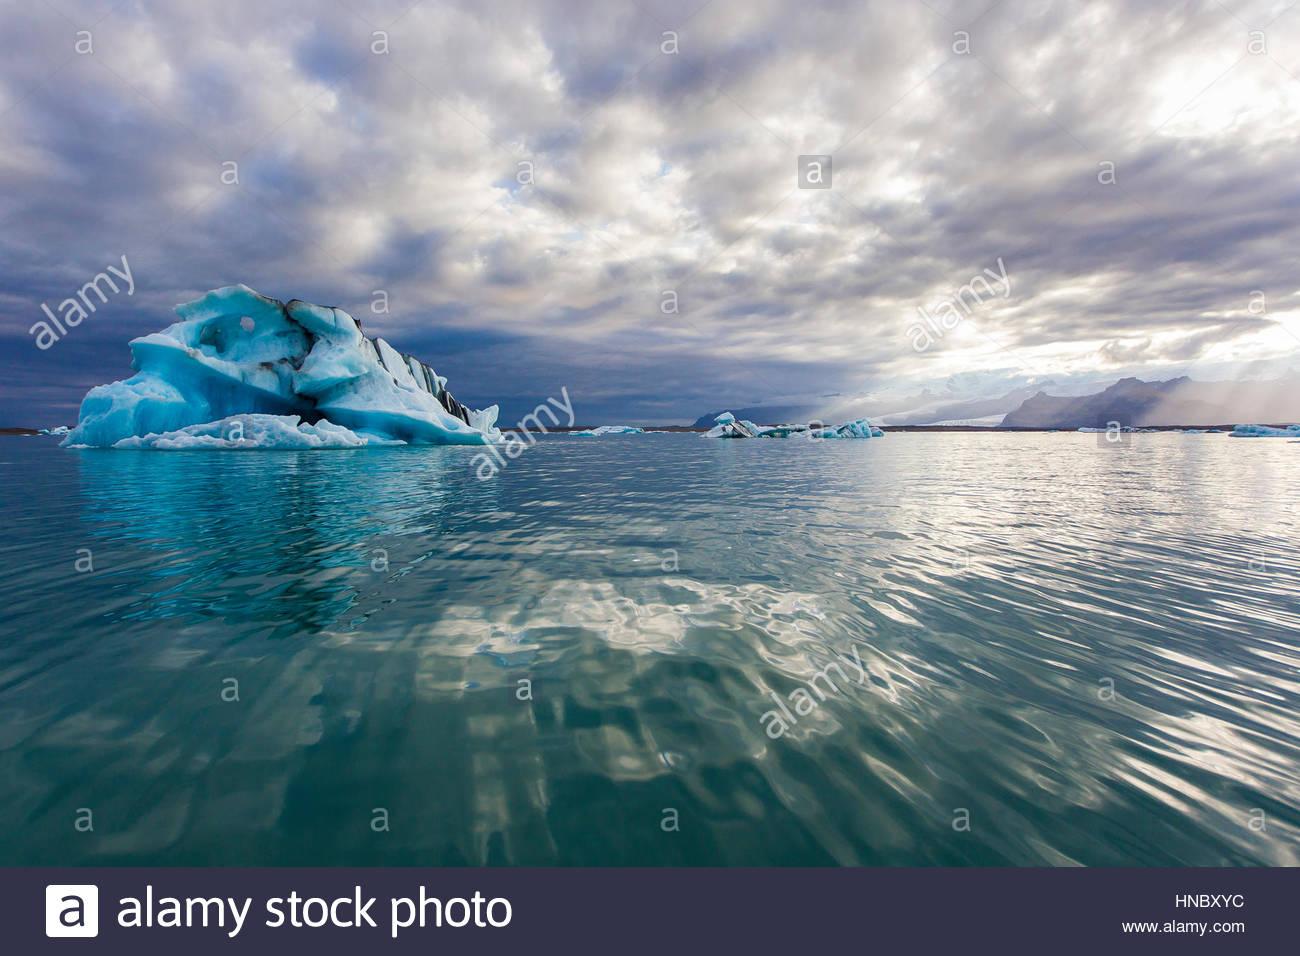 Nuvole fly overhead e ondulazioni di acqua circondano un grande Iceberg di Jokulsarlon laguna glaciale. Immagini Stock